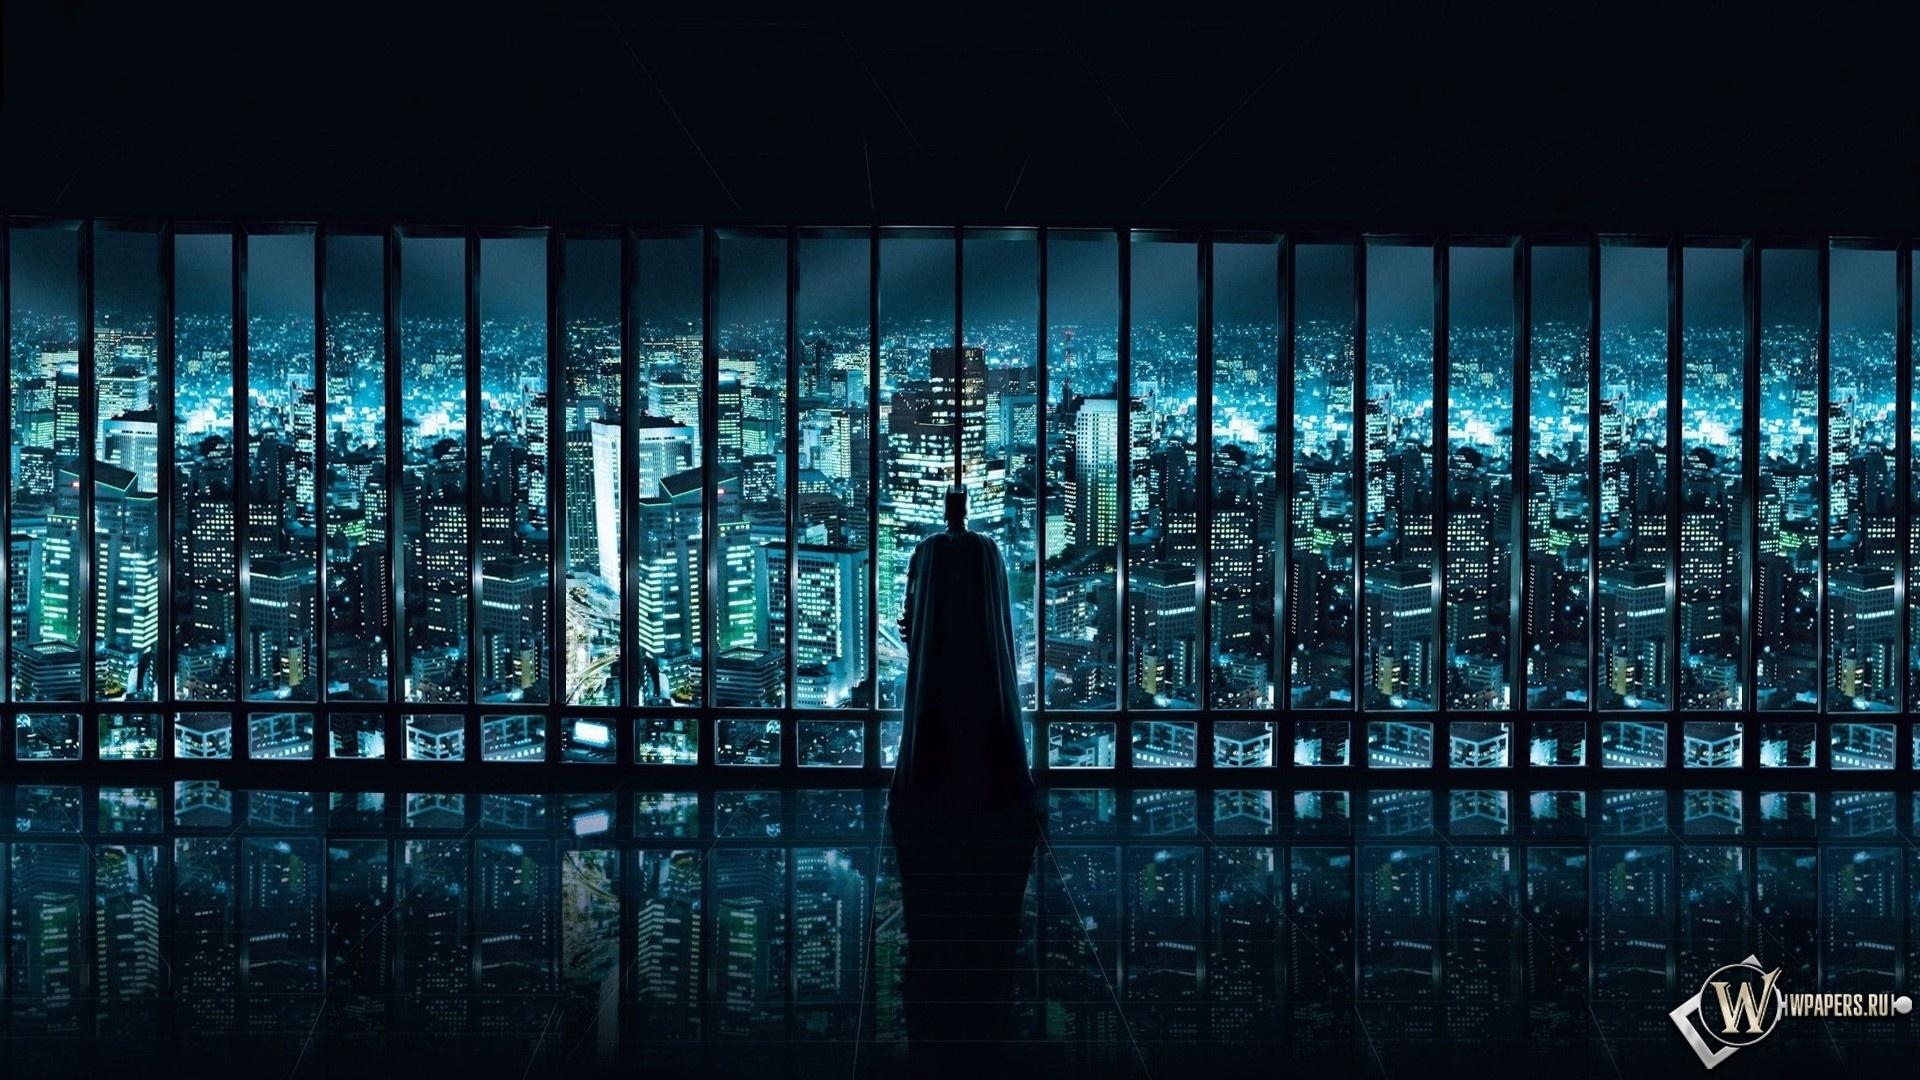 Бэтмен 1920x1080